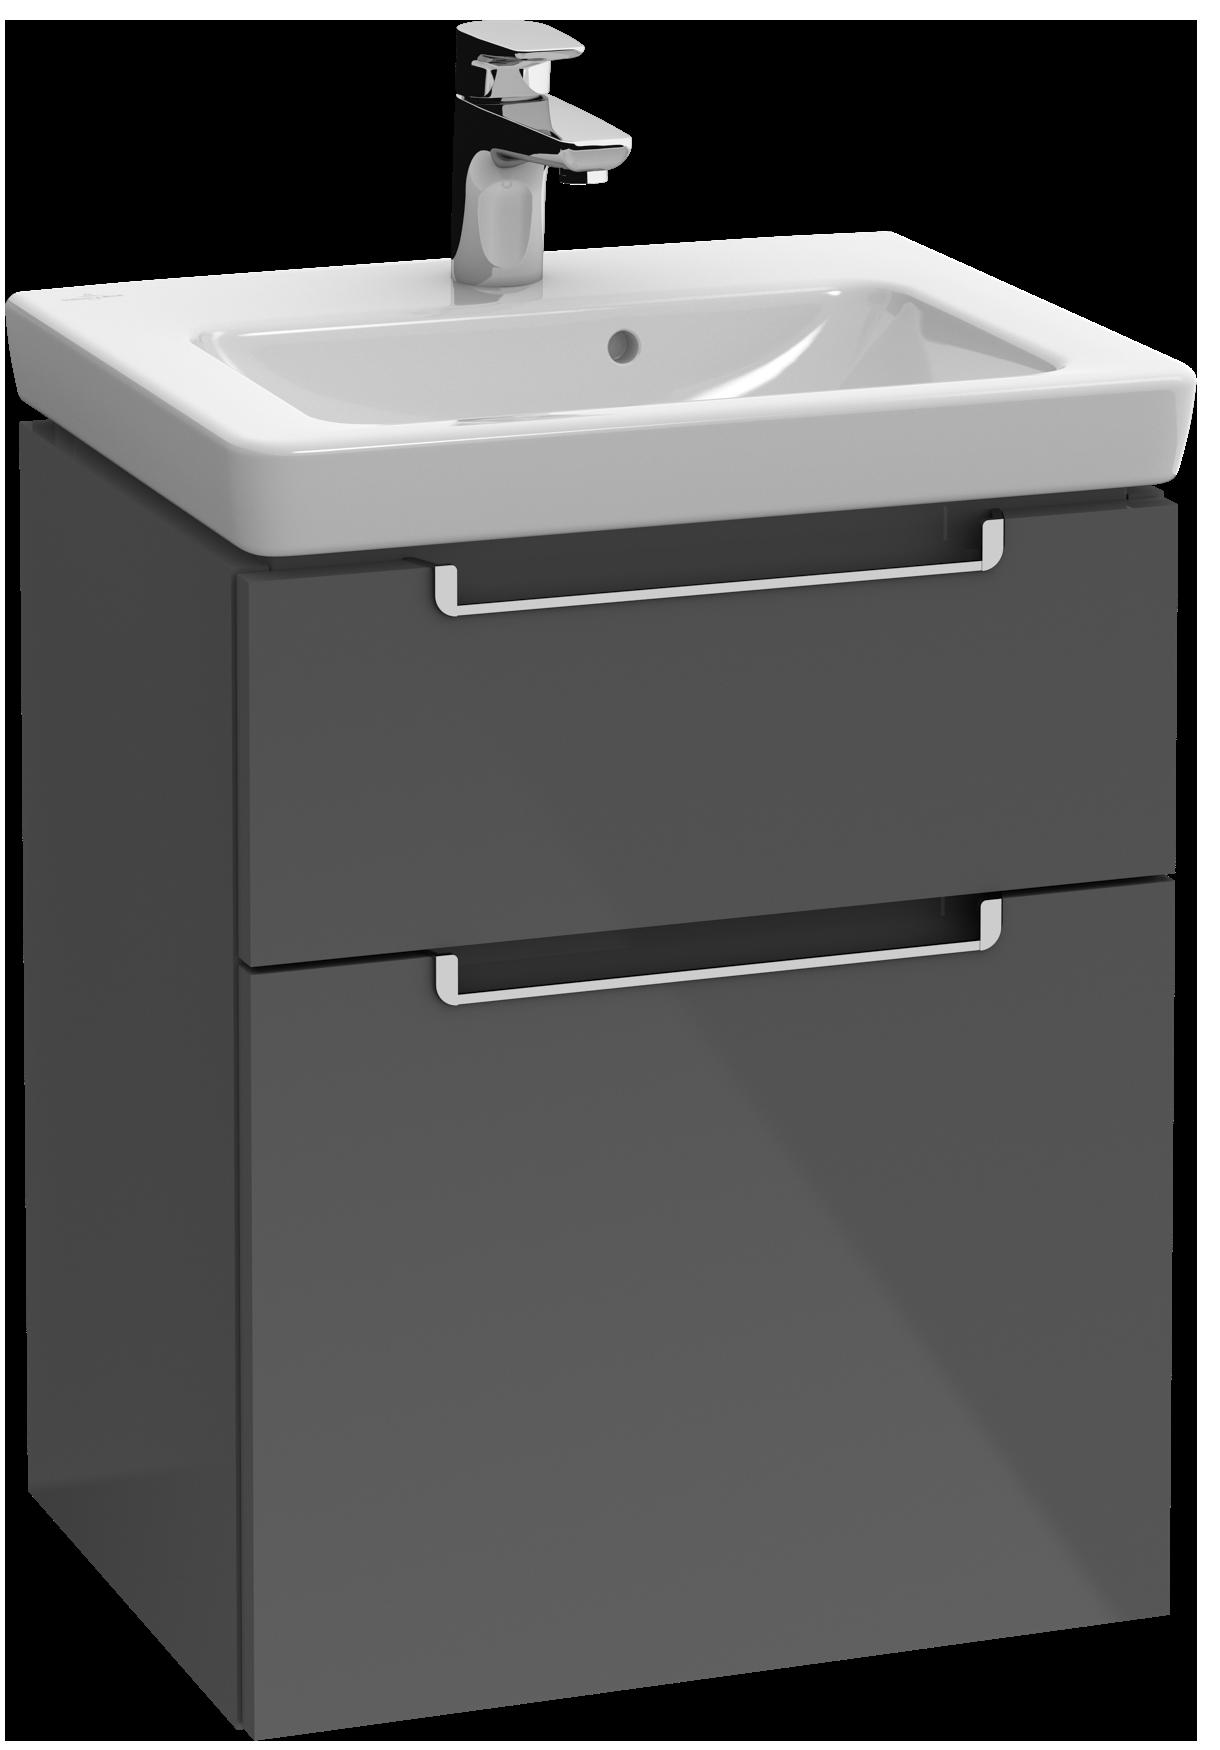 subway 2 0 vanity unit a90600 villeroy boch. Black Bedroom Furniture Sets. Home Design Ideas